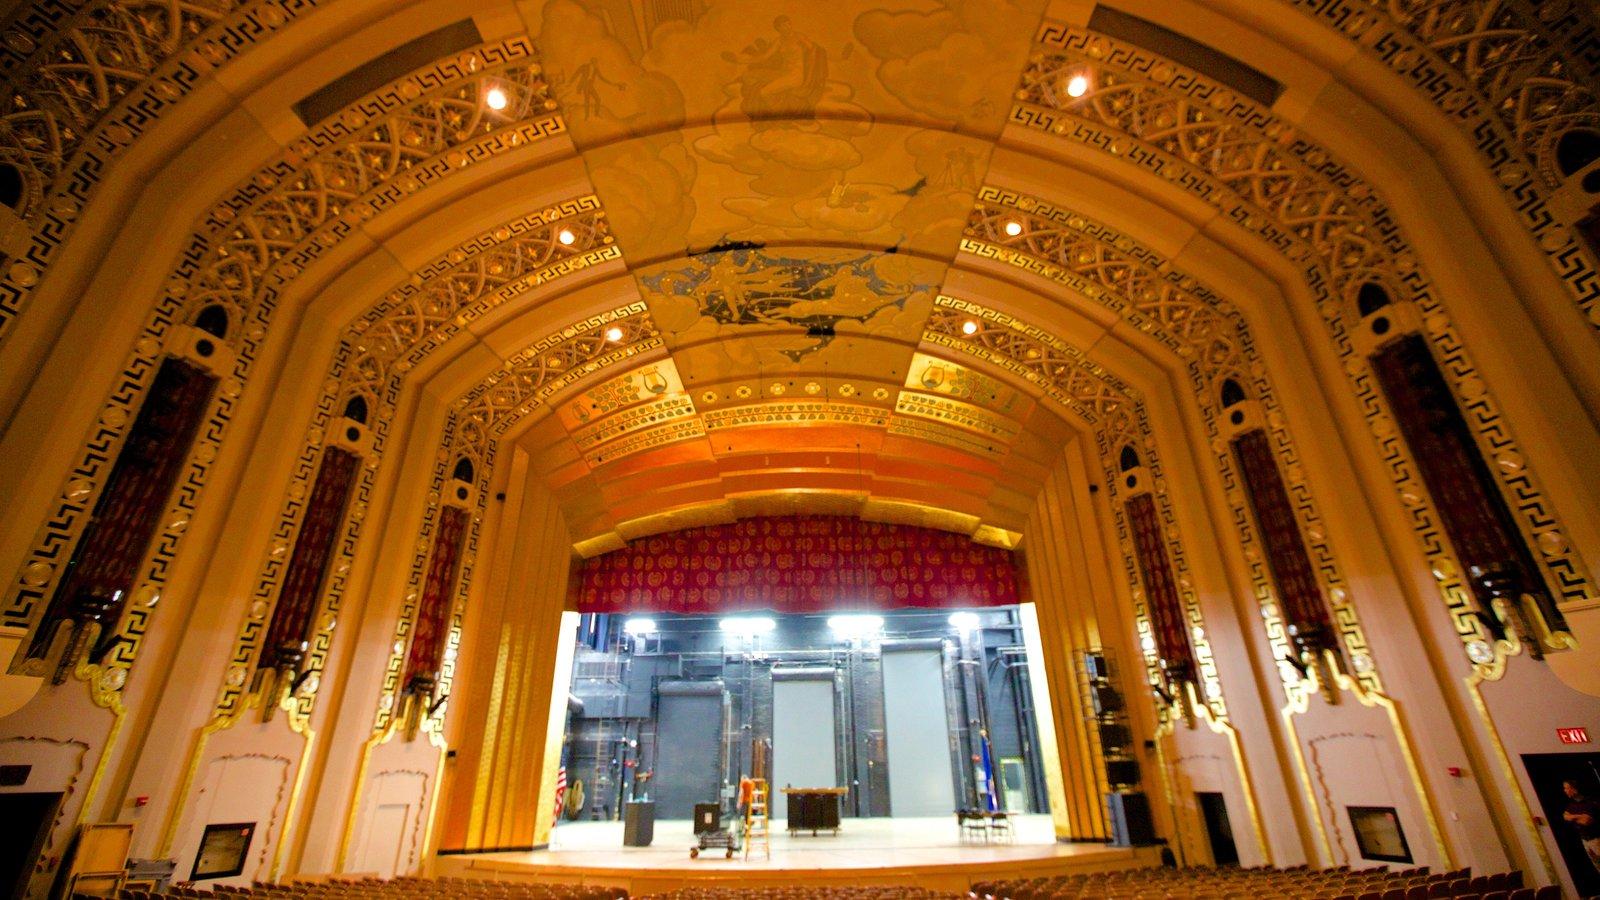 Bushnell Center for the Performing Arts mostrando escenas de teatro y vistas interiores